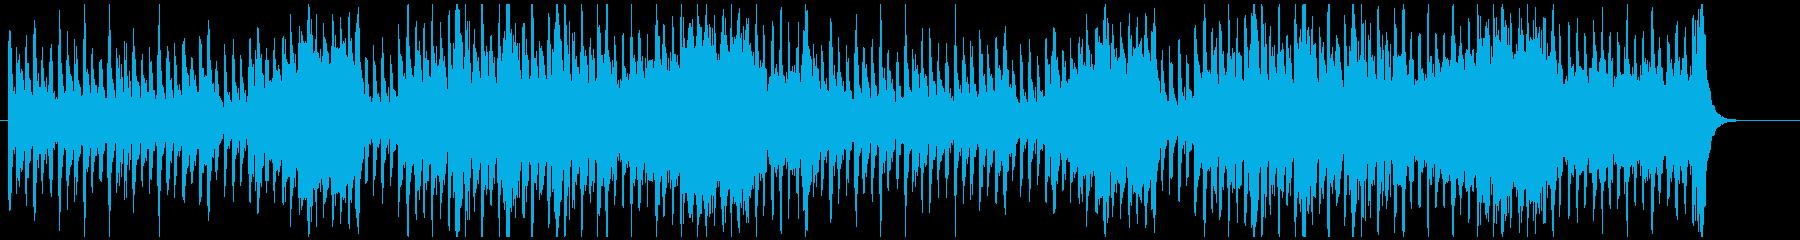 ホルンがカッコイイエピックミュージックの再生済みの波形